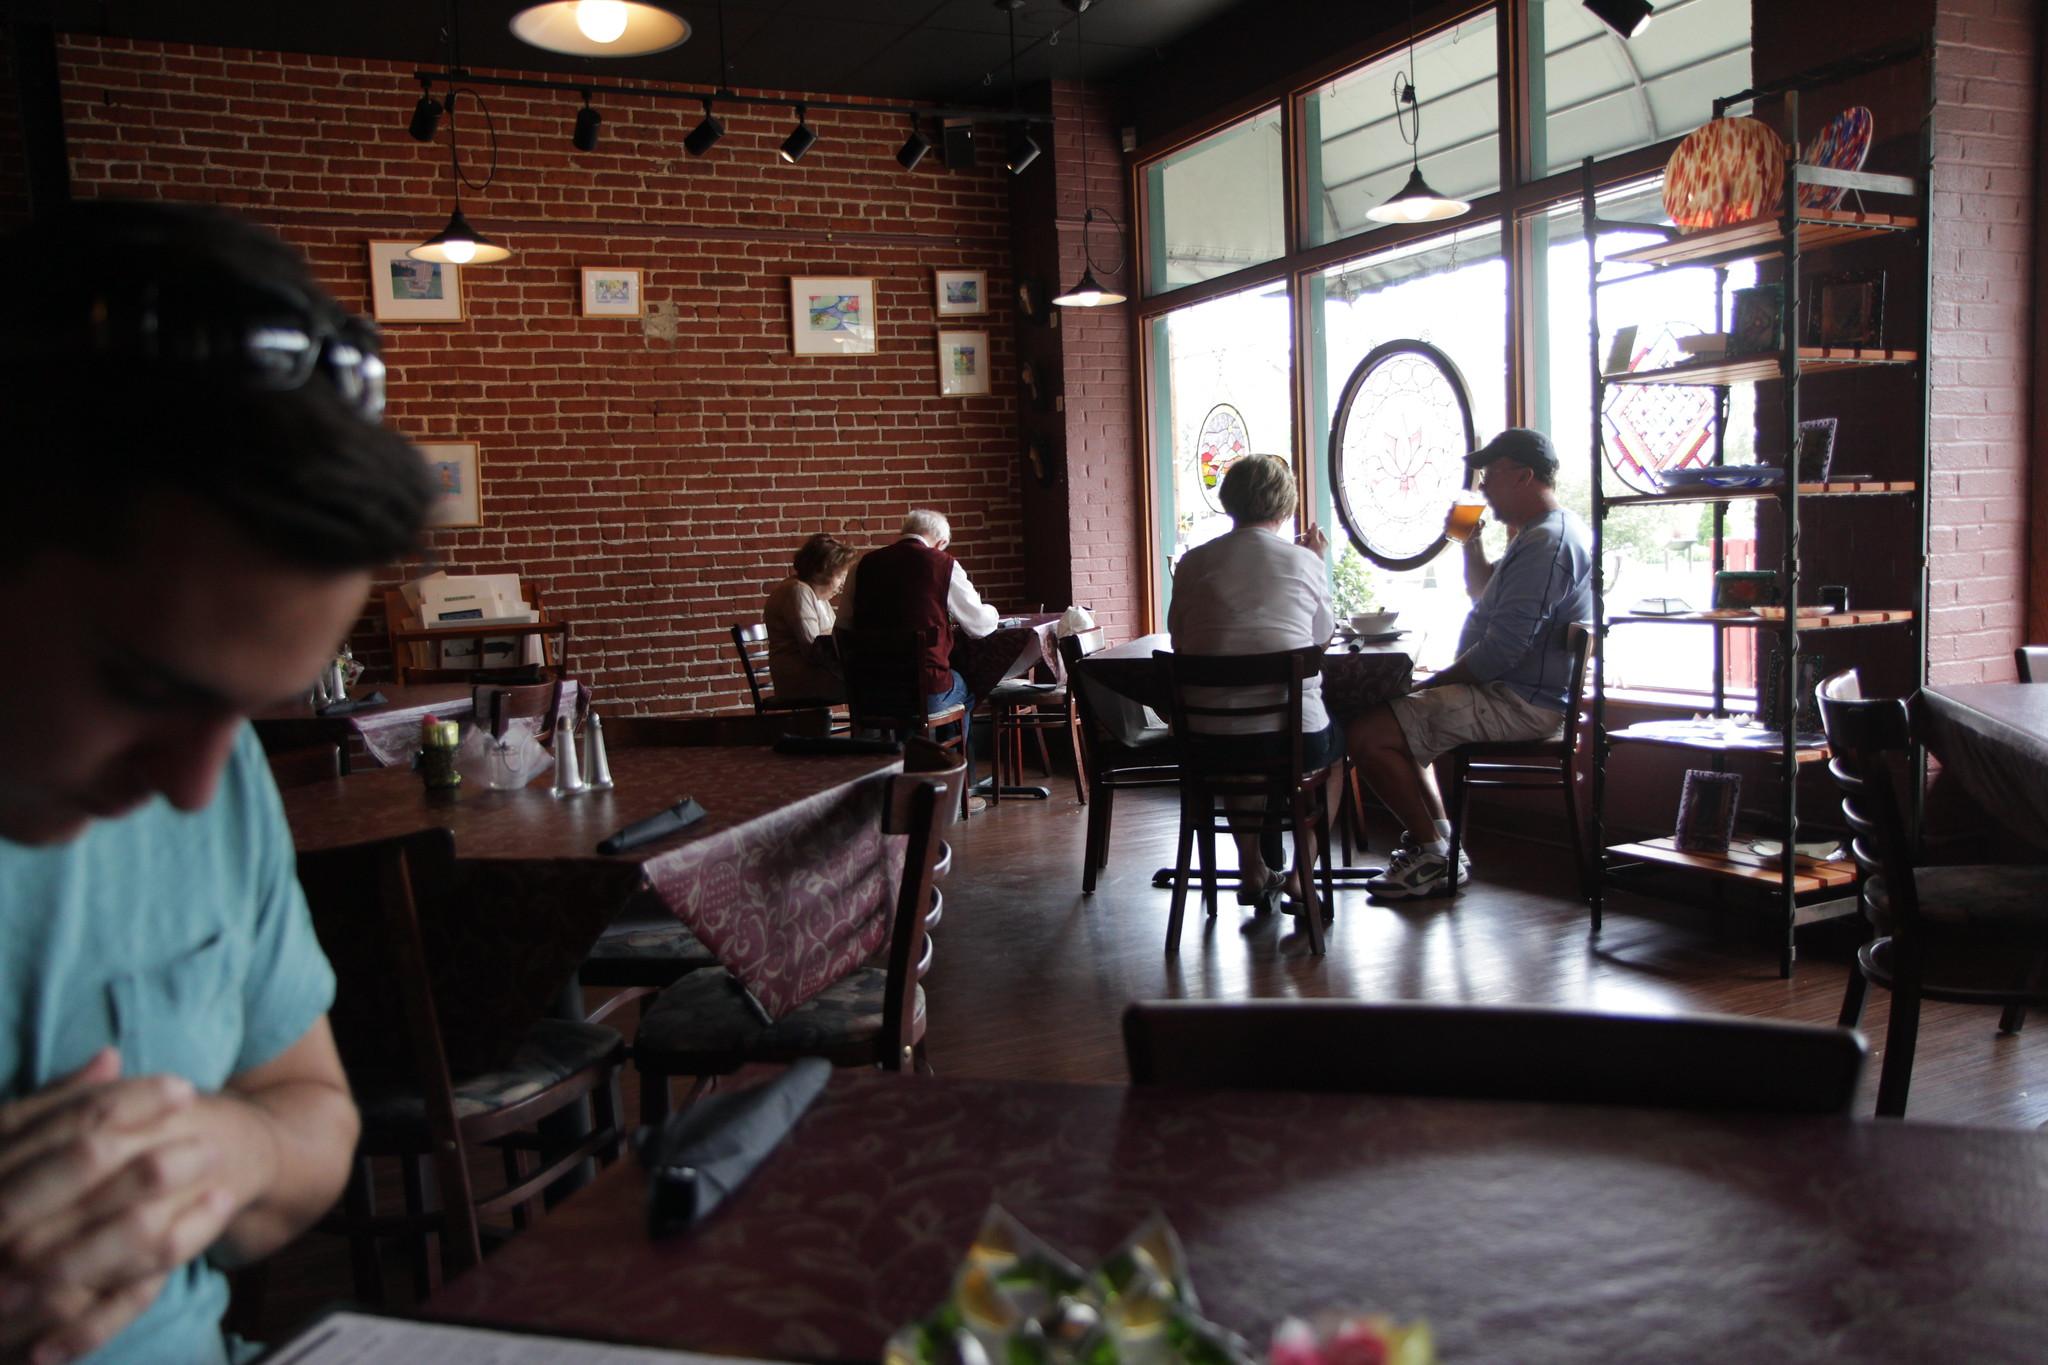 Tari's Cafe